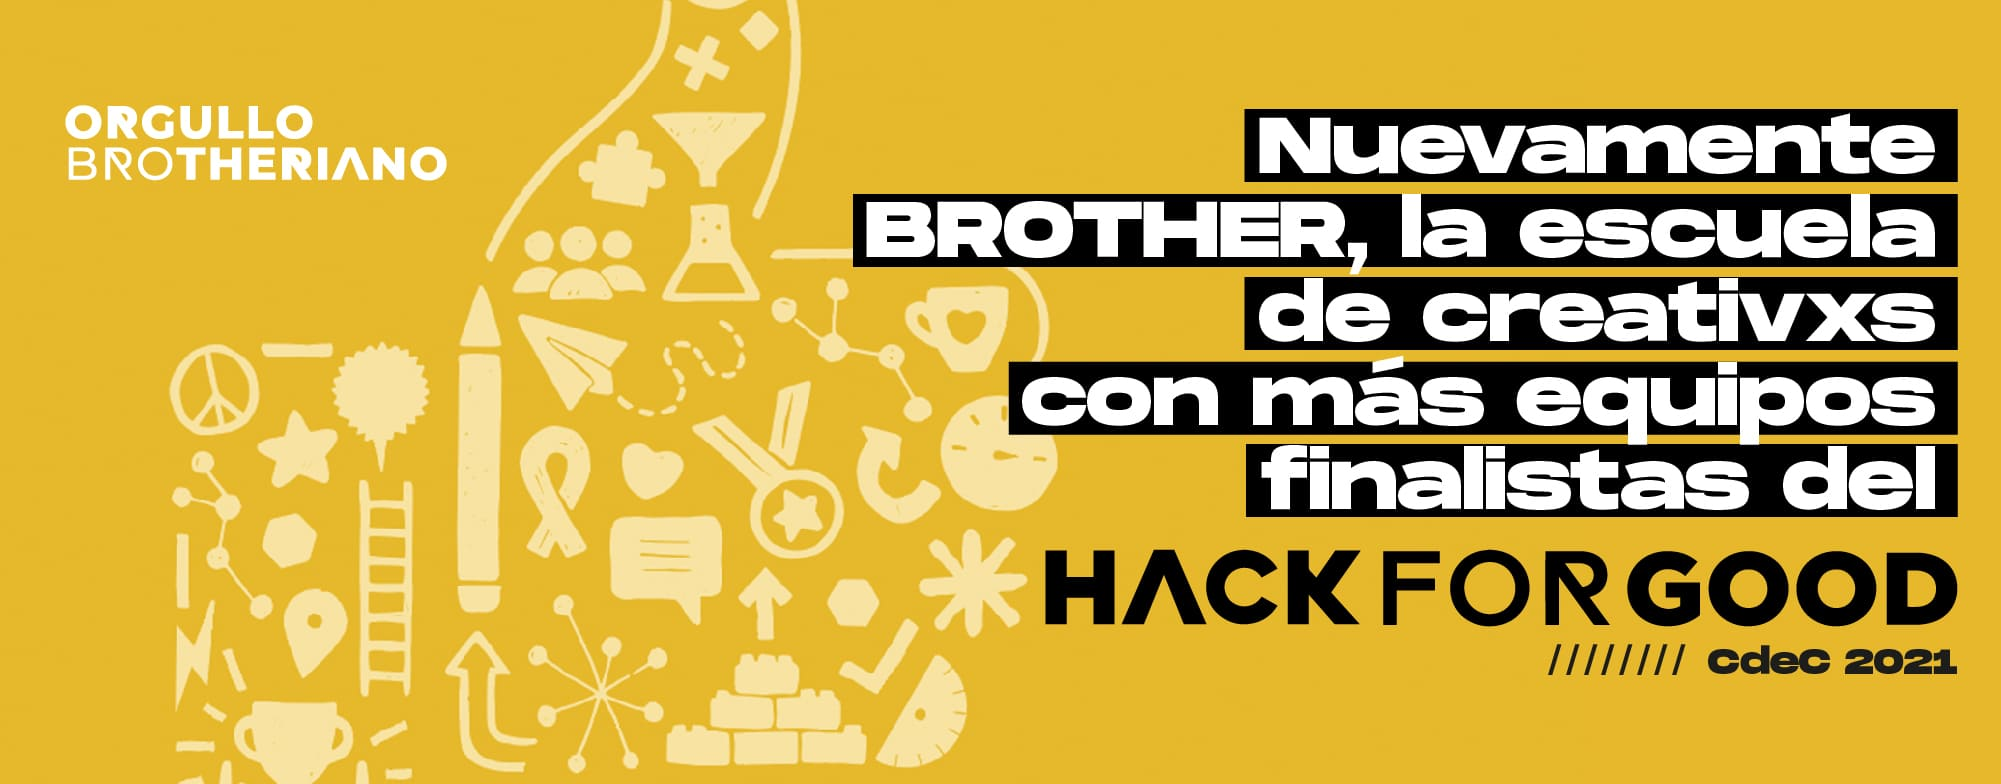 Nuevamente BROTHER, la escuela de creativxs con más equipos finalistas del hack for good cdec 2021